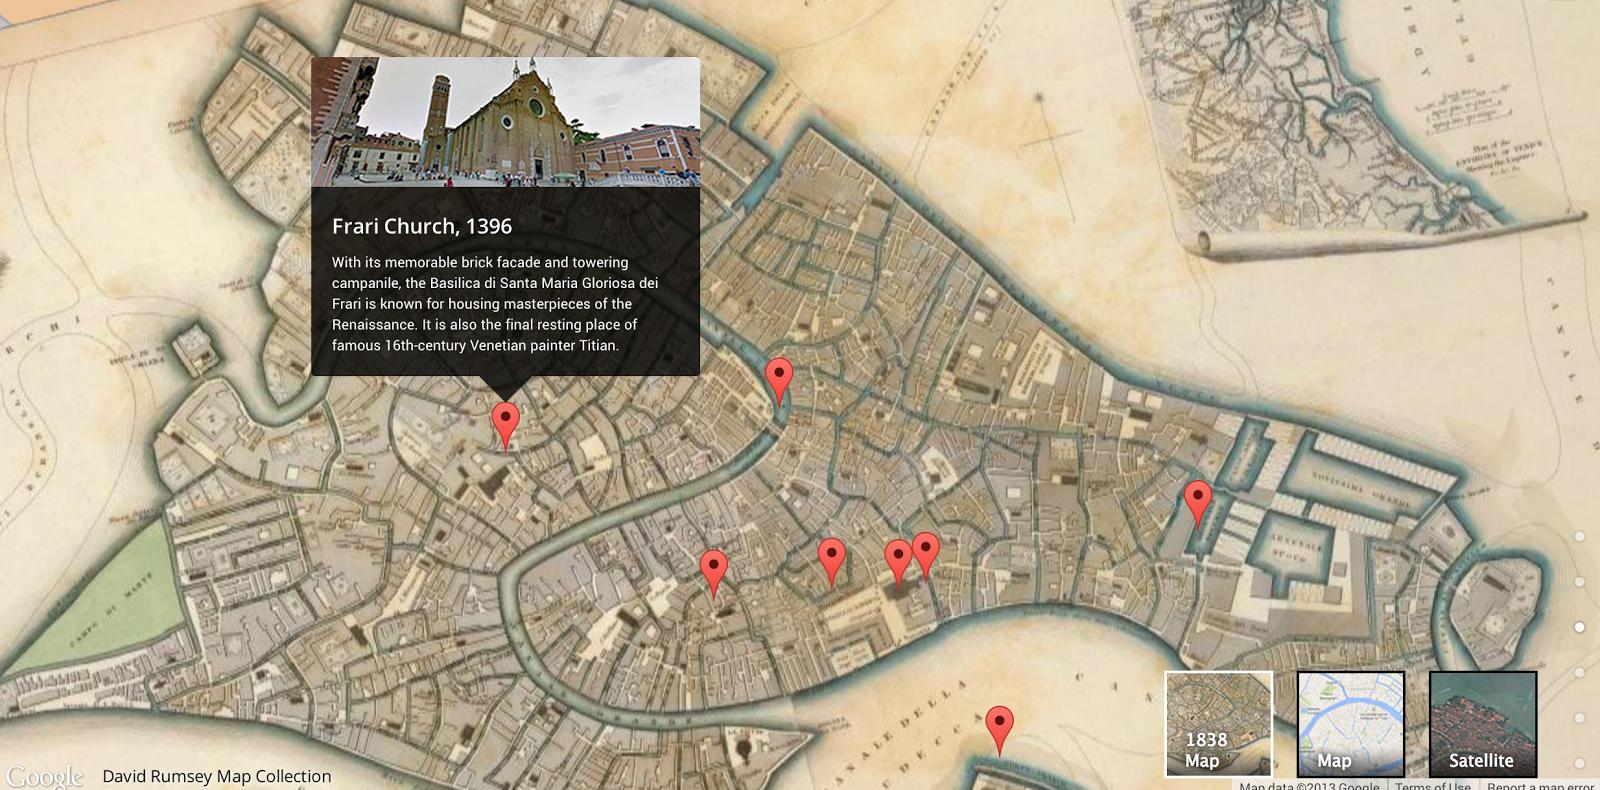 Lustige Bilder In Street View - Google Earth Bilder » Lustige Sachen